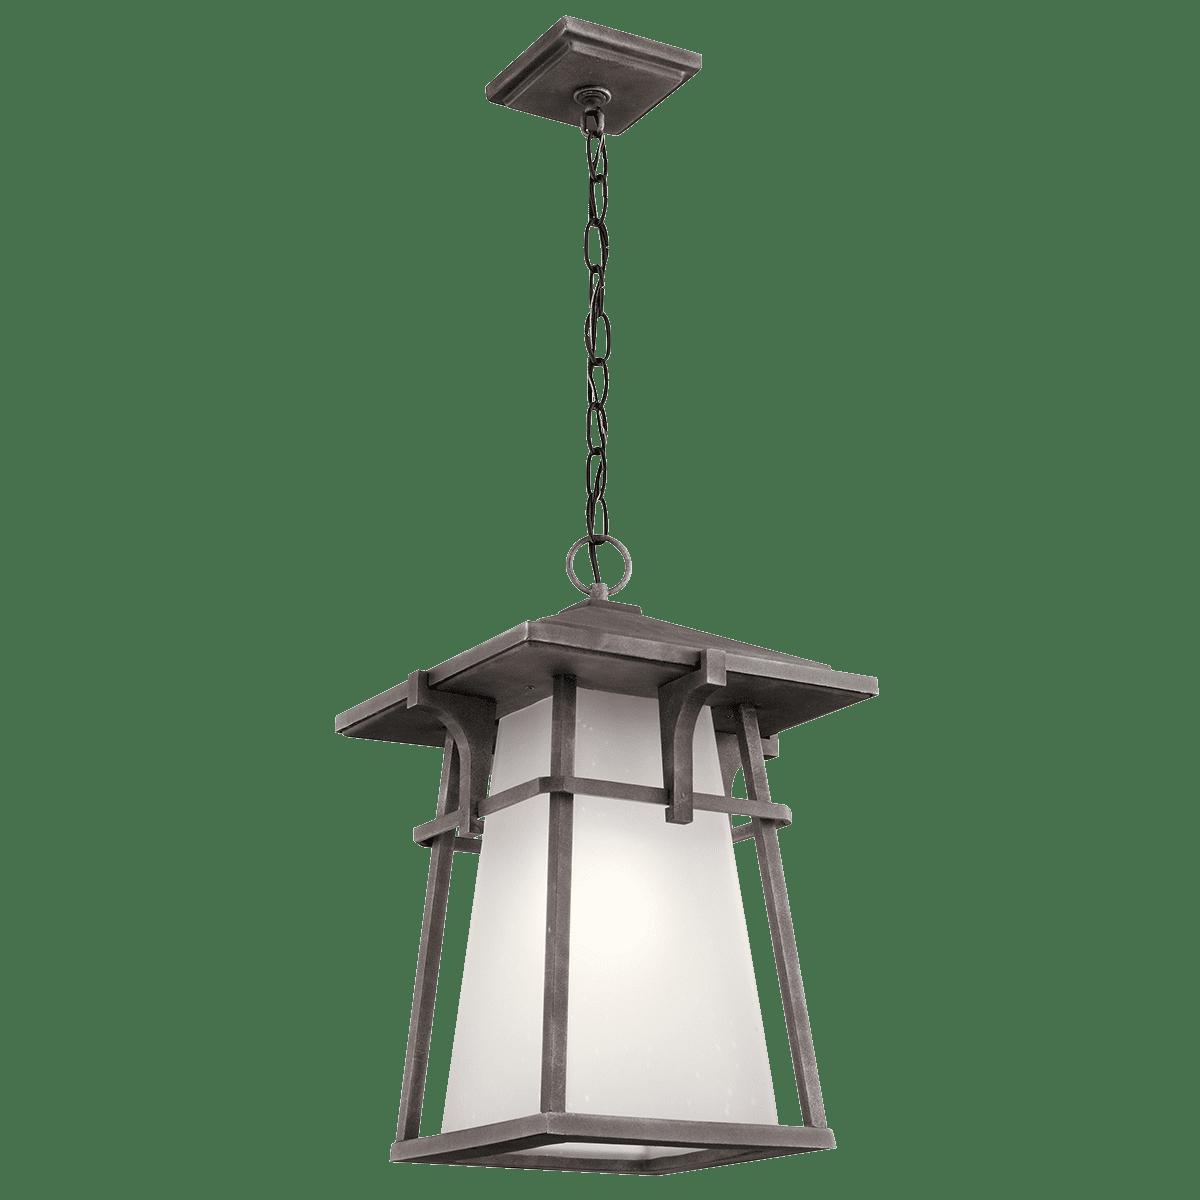 Kichler 49725 Beckett 12 25 Wide 1 Light Outdoor Lantern Pendant Weathered Zinc Walmart Com Walmart Com